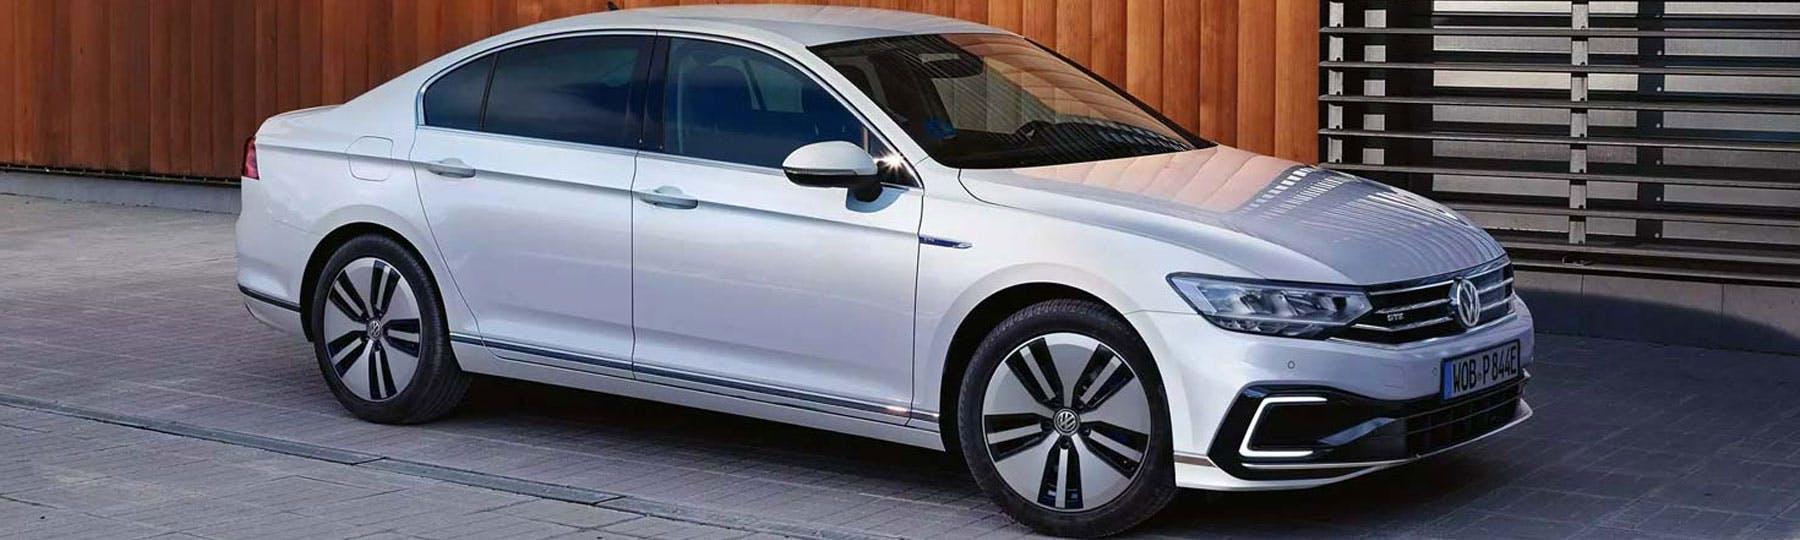 New Volkswagen Passat Saloon Motability